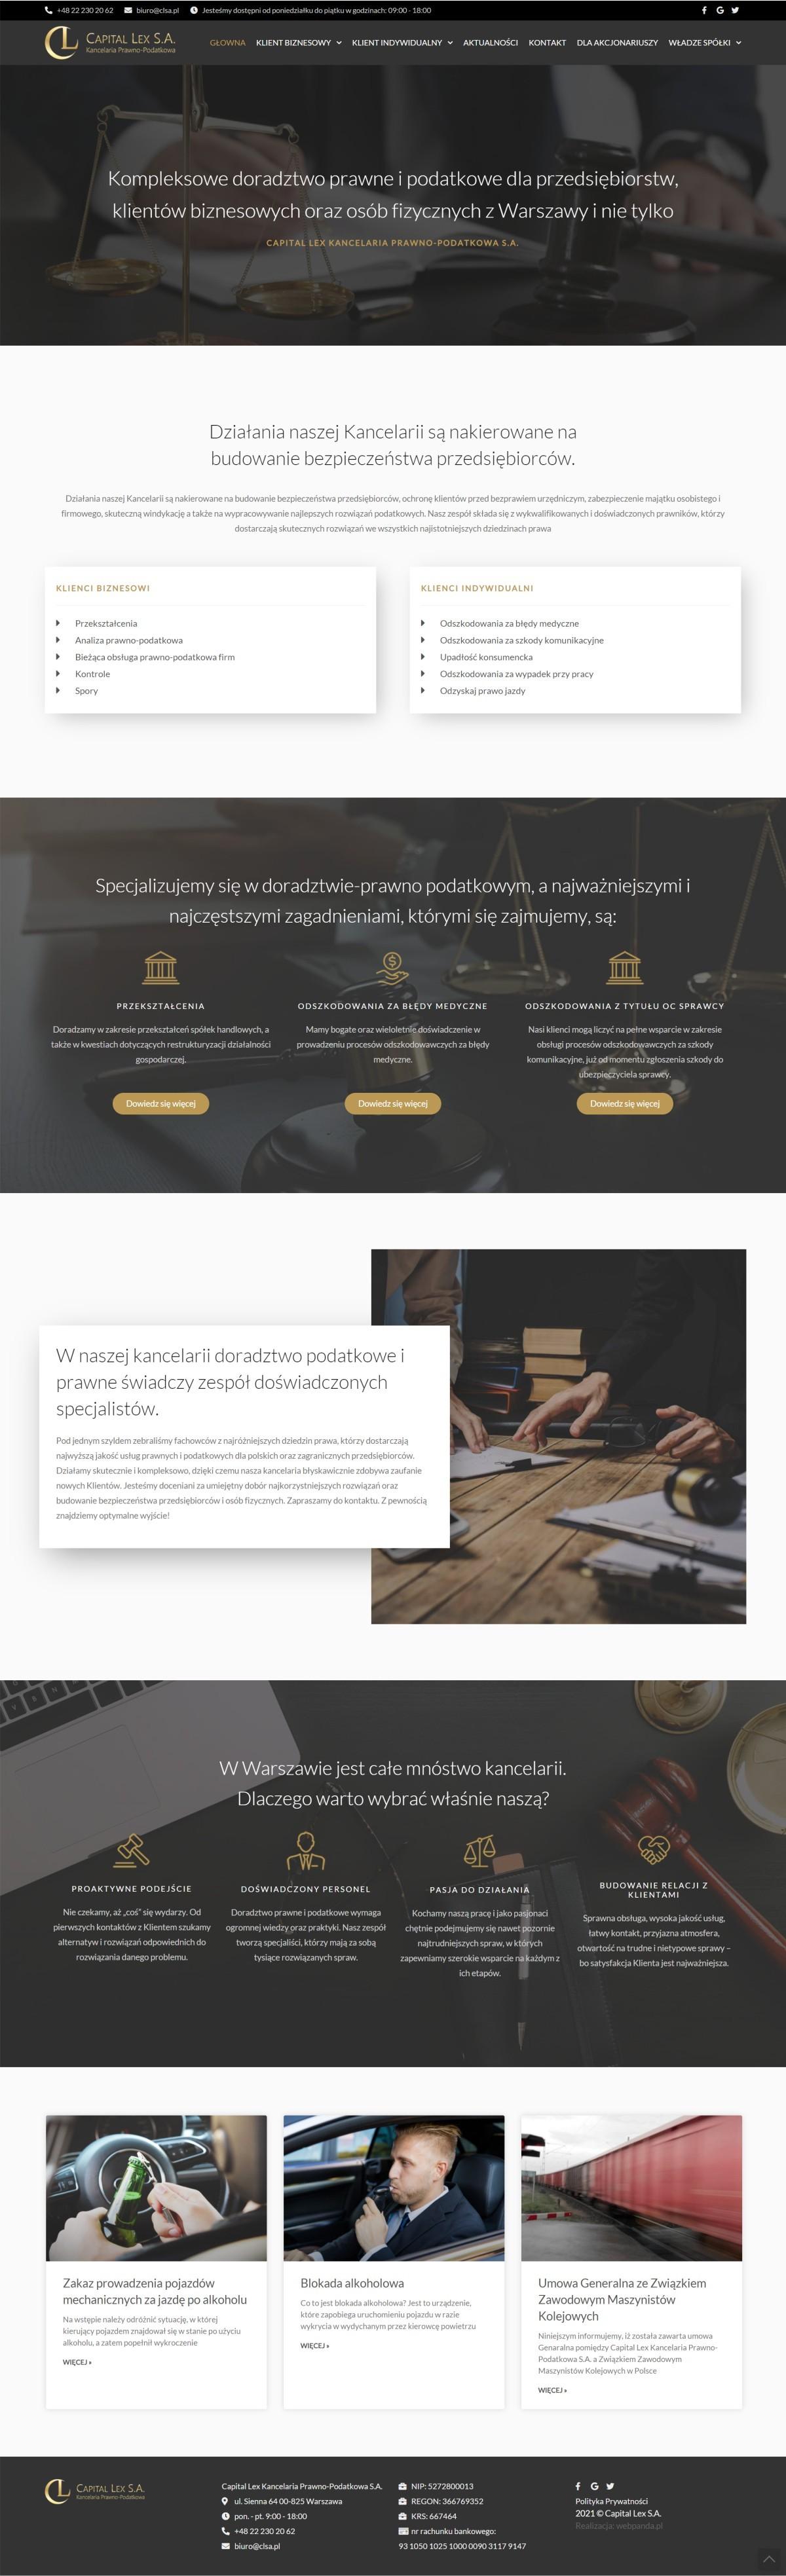 Tworzenie Strony Firmowej Z Blogiem. Doractwo Prawne